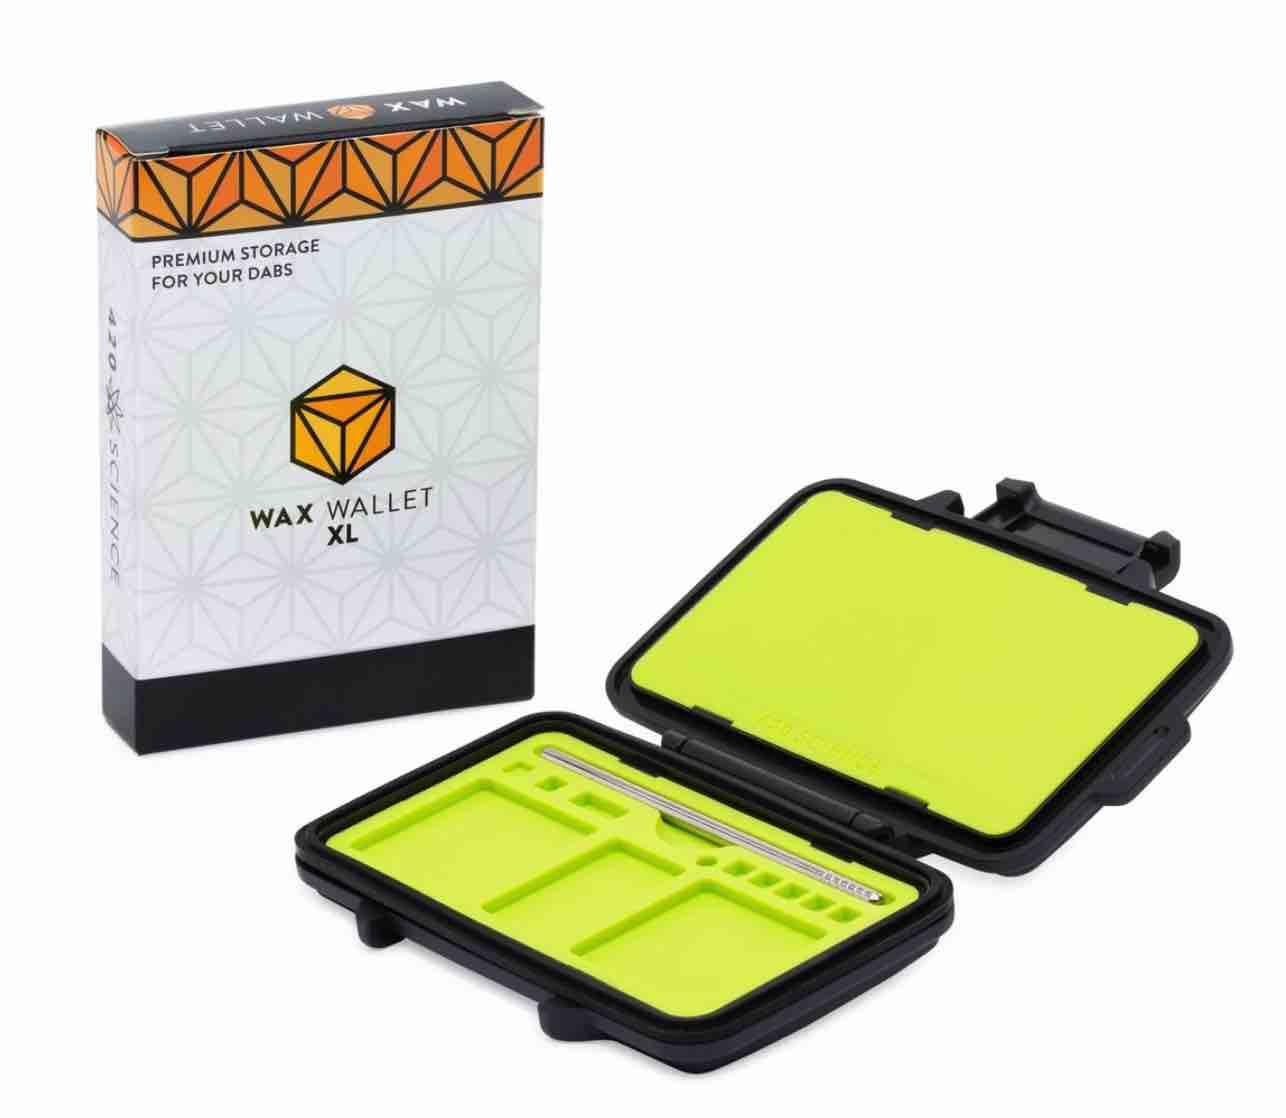 Wax Wallet XL